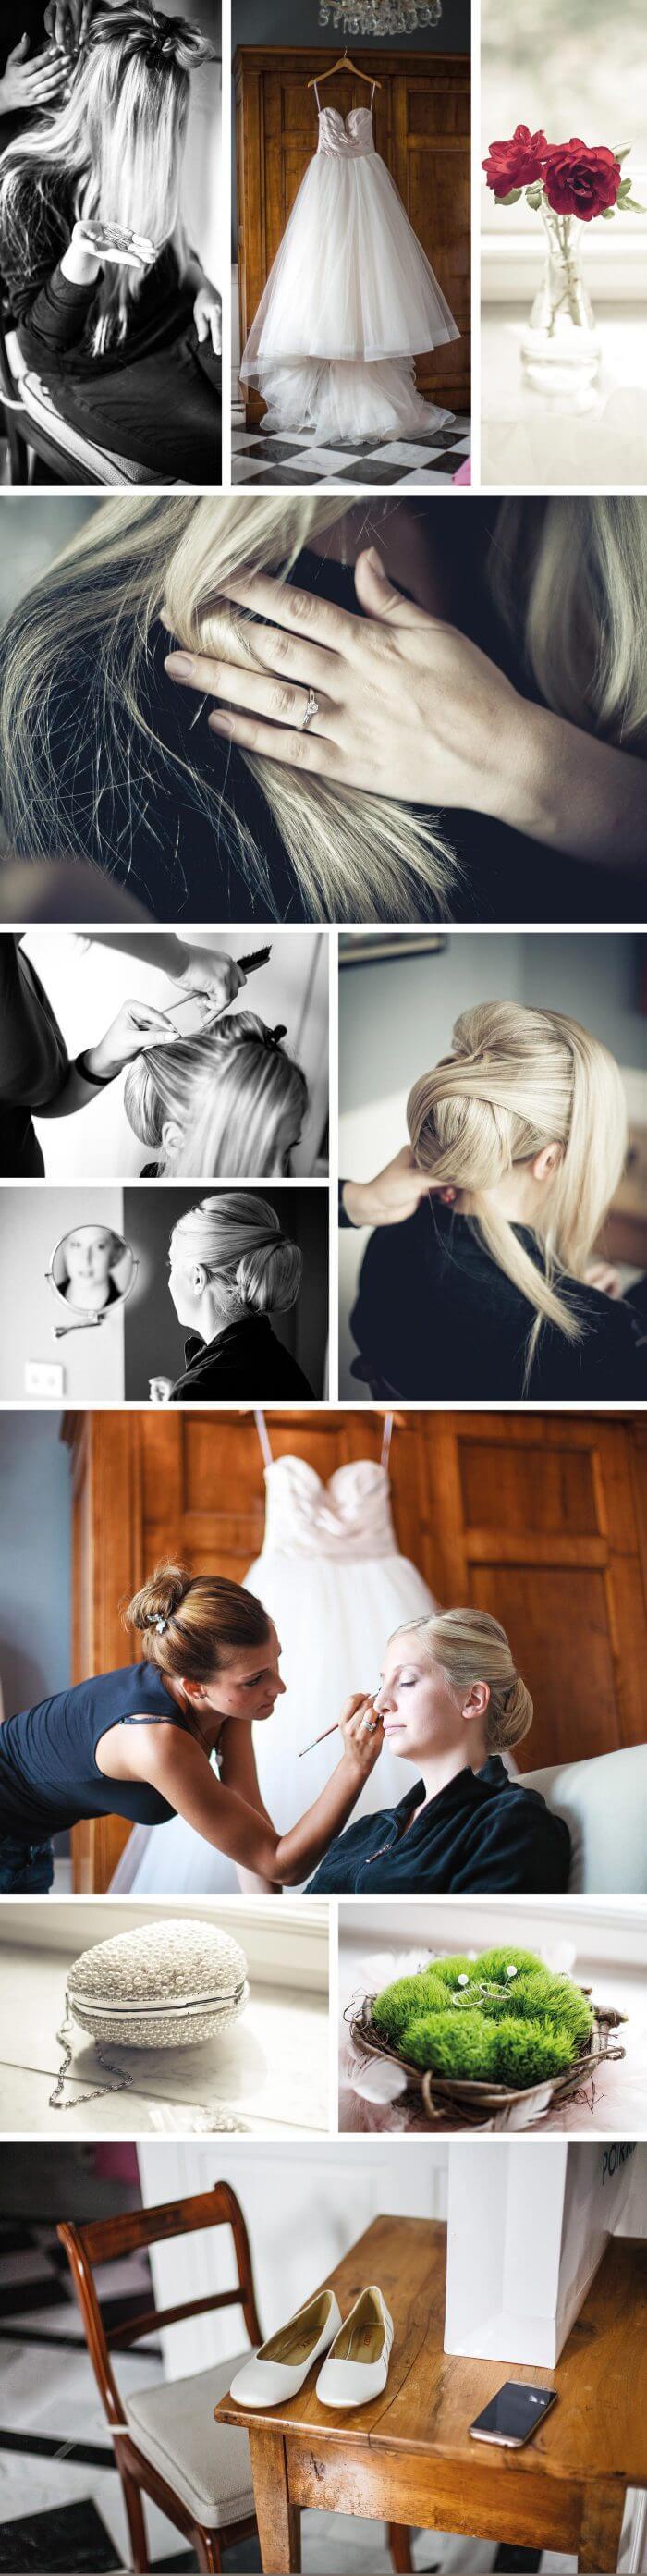 Hochzeit im Schloss, Getting Ready der Braut